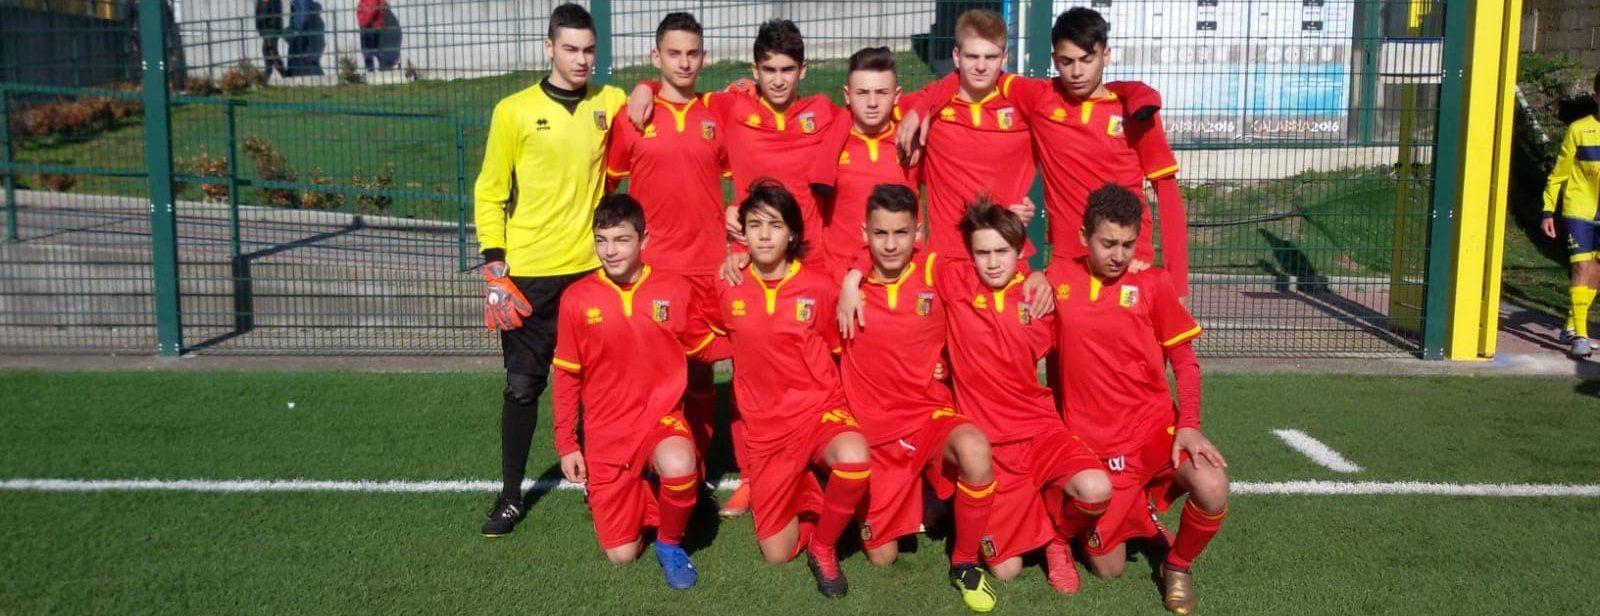 vincono-under-17-lega-pro-e-under-15-regionali-sconfitte-per-berretti-e-under-15-lega-pro